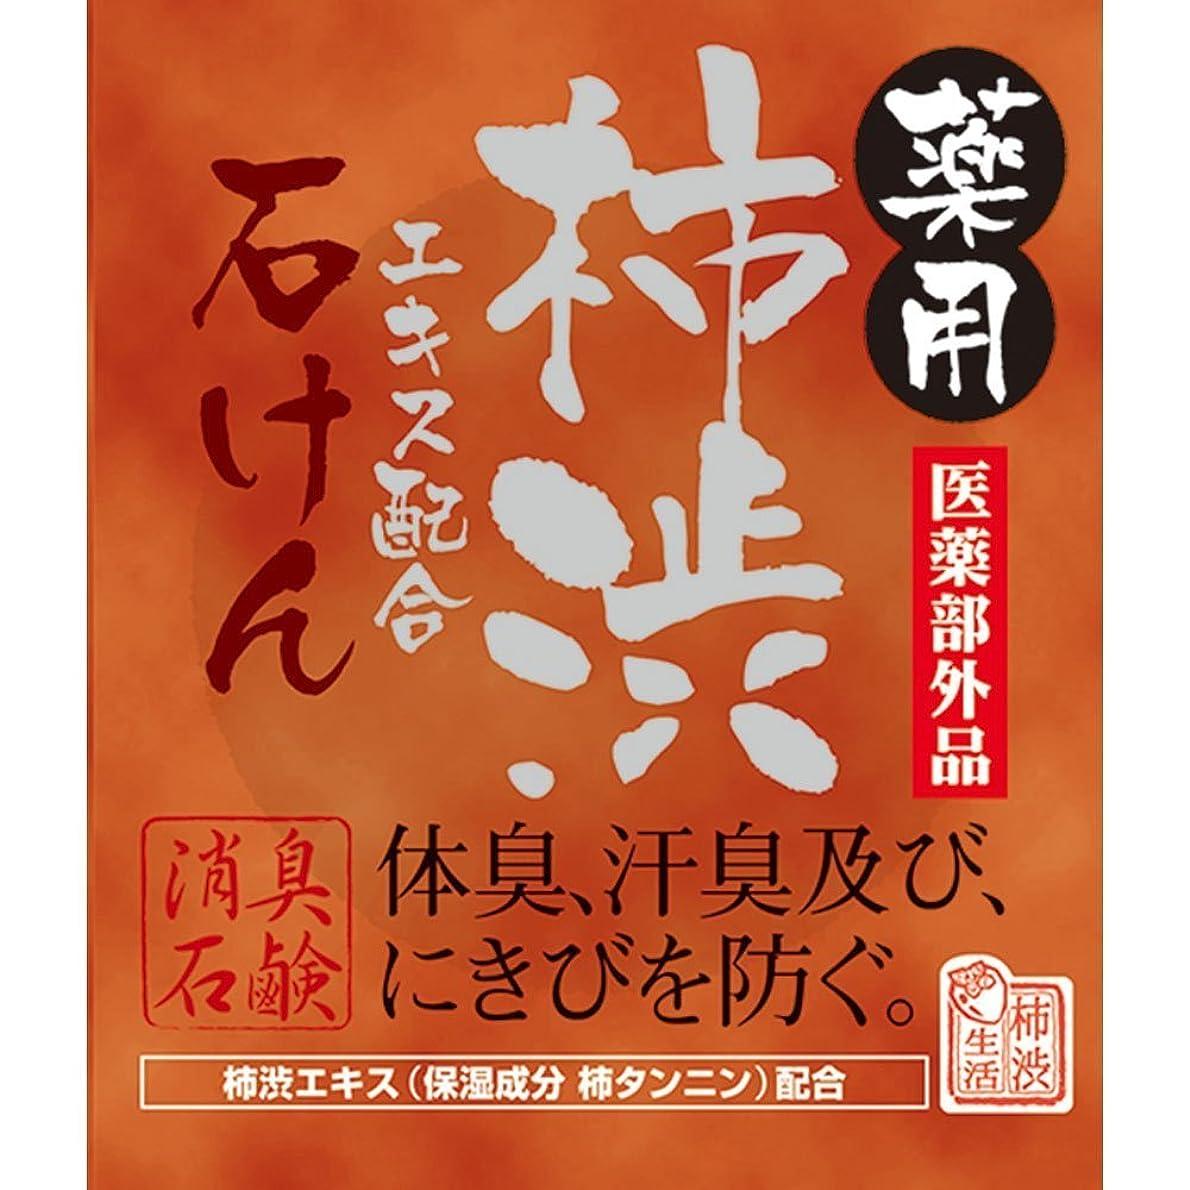 オーケストラ忠実無礼に薬用柿渋石けん 100g[医薬部外品]